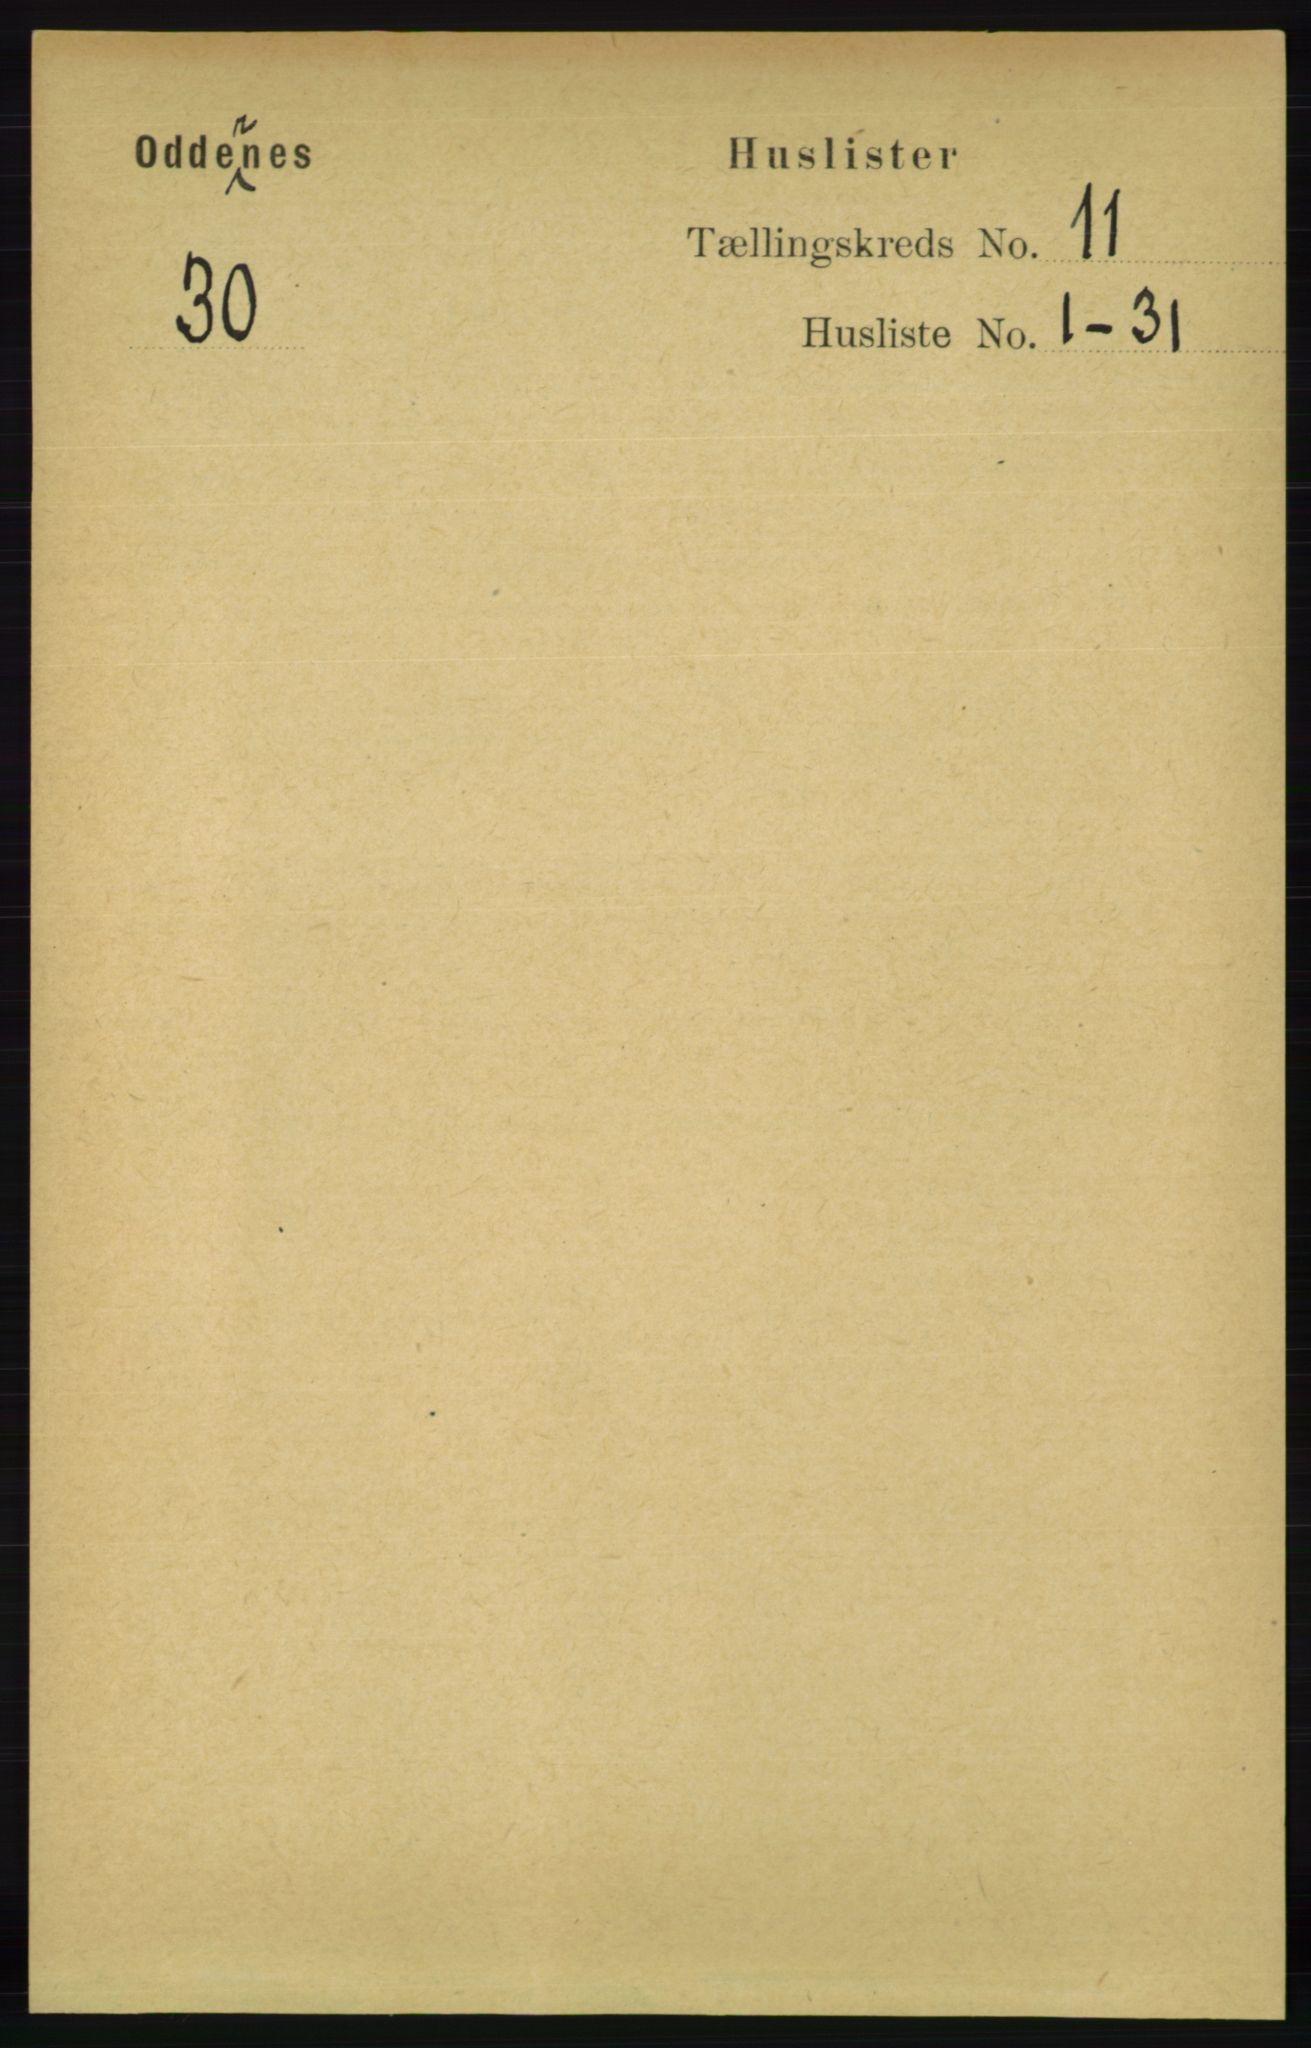 RA, Folketelling 1891 for 1012 Oddernes herred, 1891, s. 4102